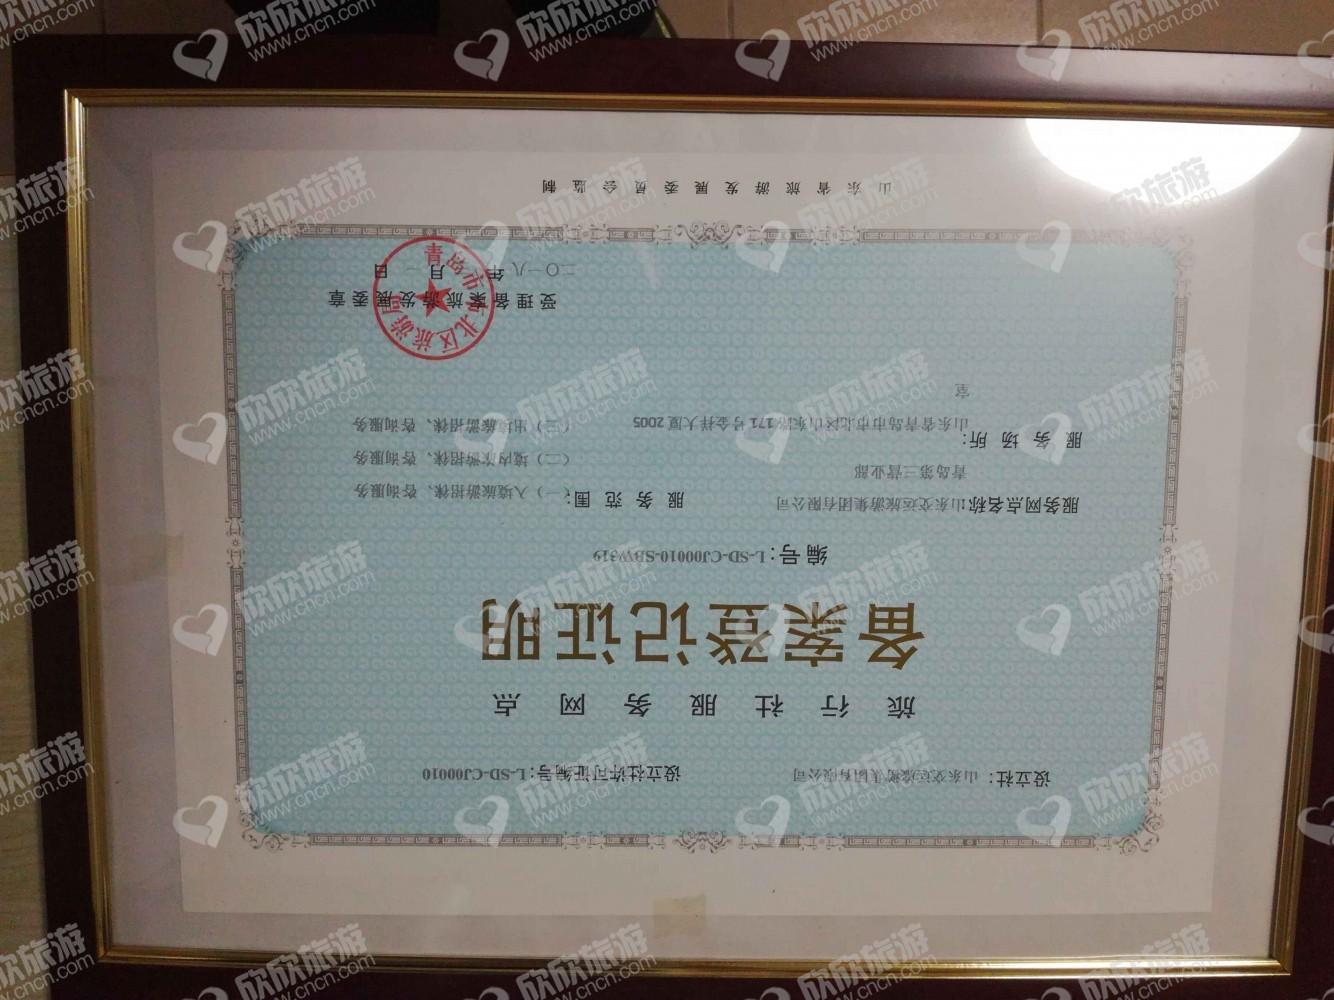 山东交运旅游集团有限公司青岛第三营业部经营许可证